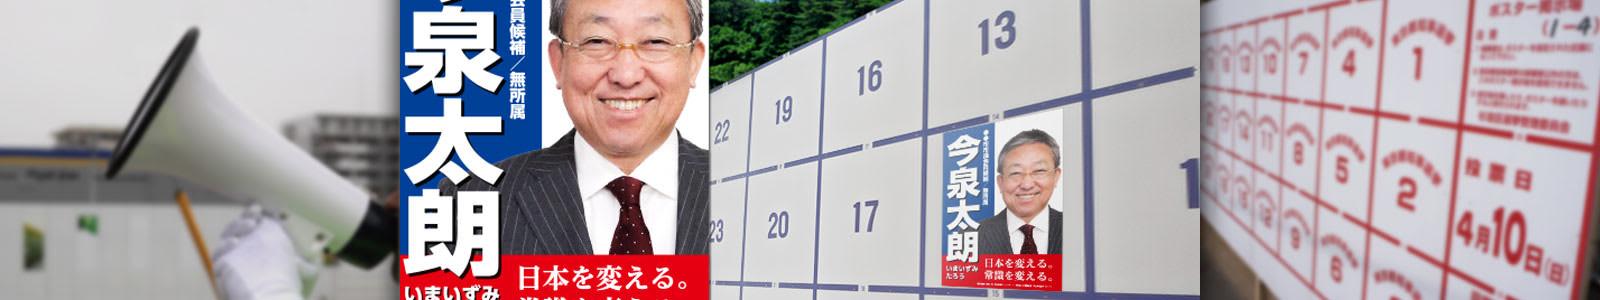 選挙公示・告示用ポスター印刷について